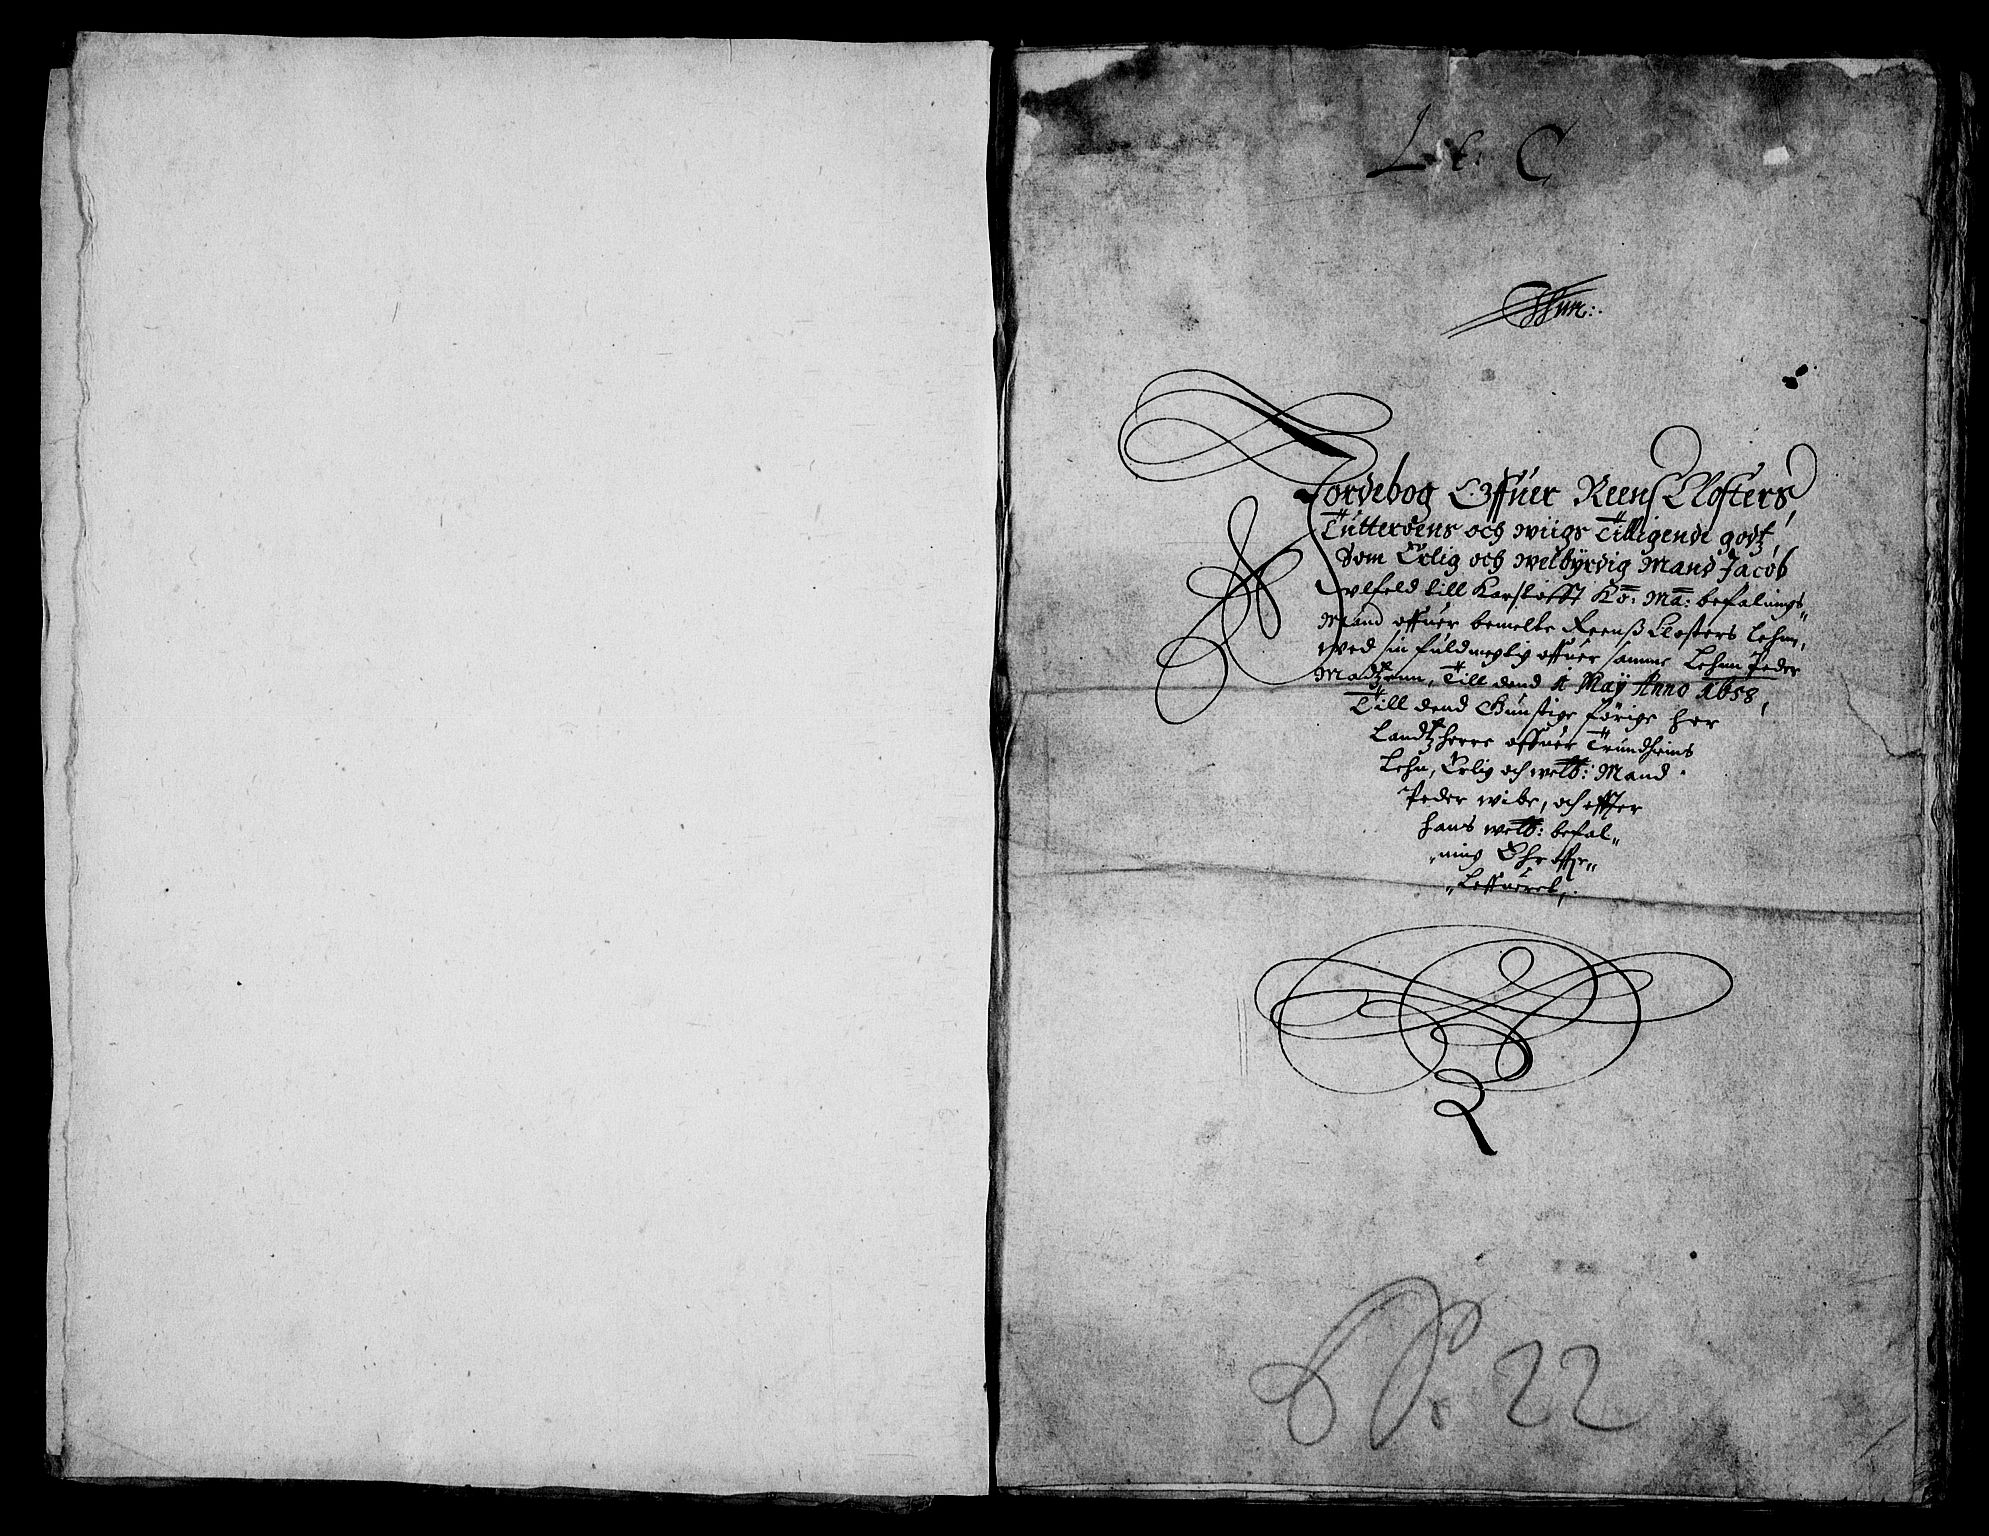 RA, Rentekammeret inntil 1814, Realistisk ordnet avdeling, On/L0006: [Jj 7]: Jordebøker og dokumenter over det sekulariserte kirke- og klostergodset:, 1658-1682, s. 109